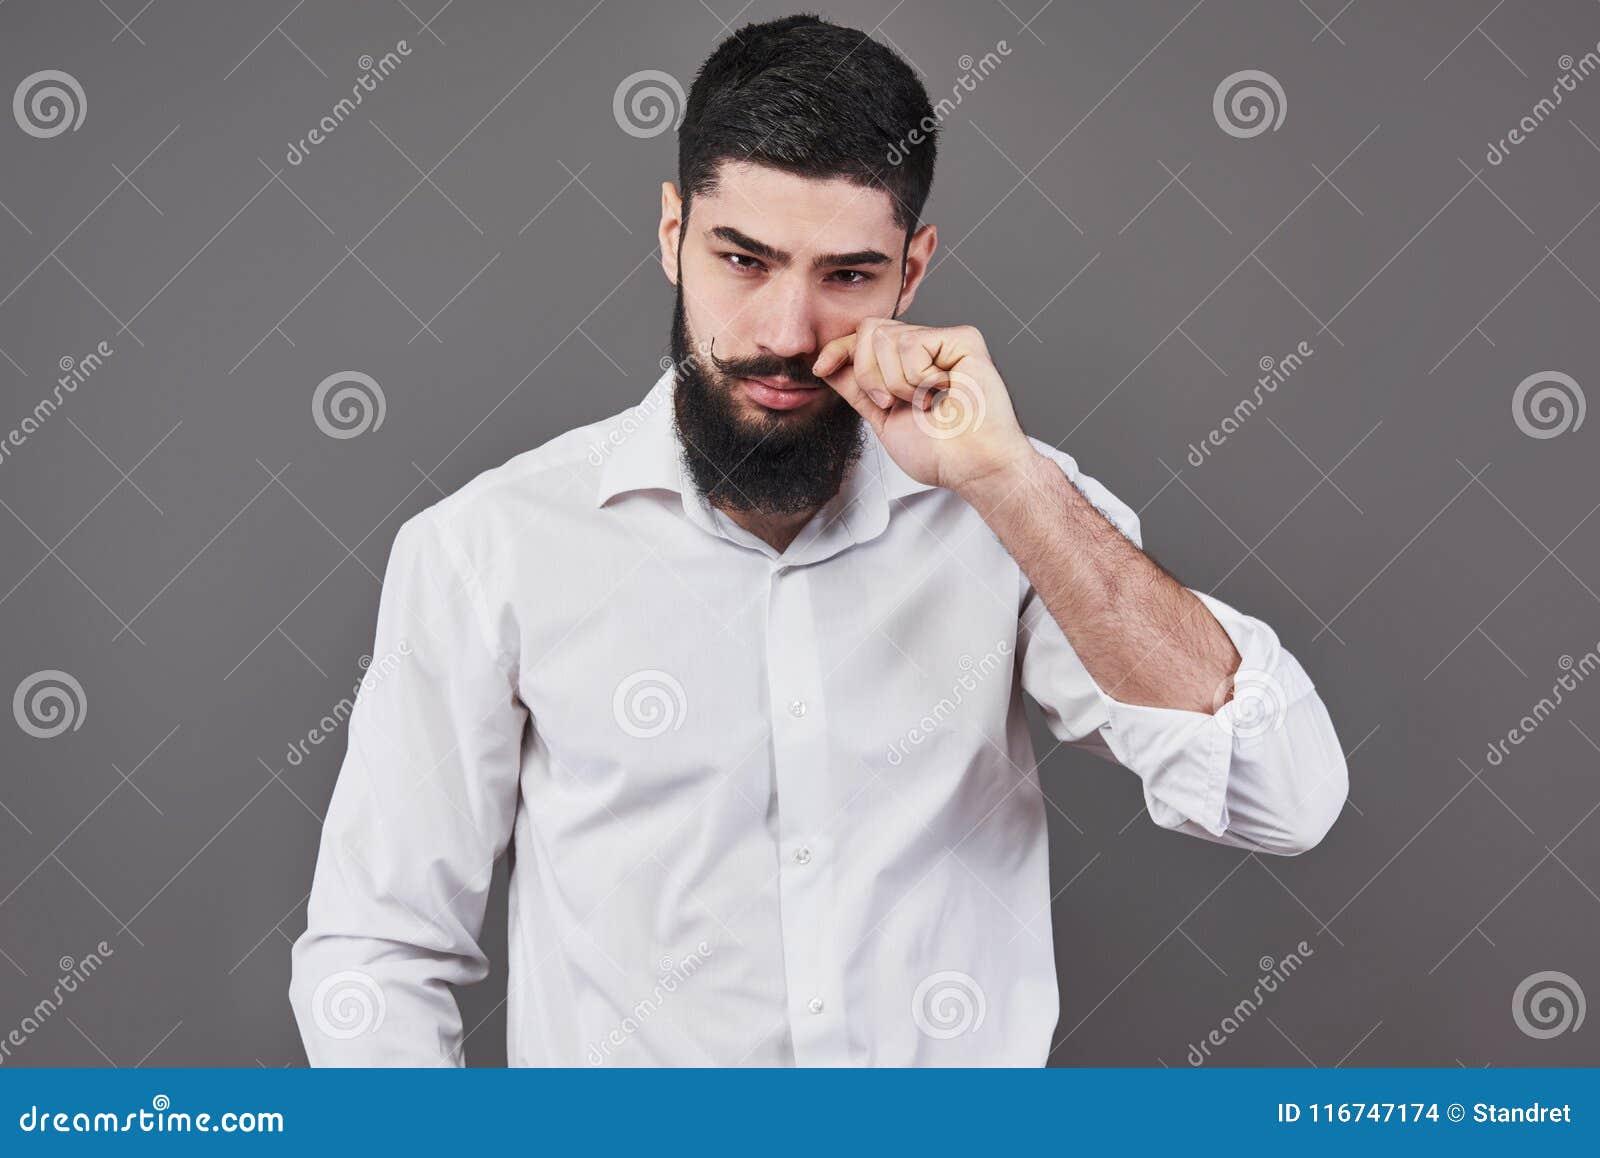 Modniś z poważną twarzą czuć i emocje Facet lub brodaty mężczyzna na popielatym tle Fryzjera męskiego piękno i moda człowieku